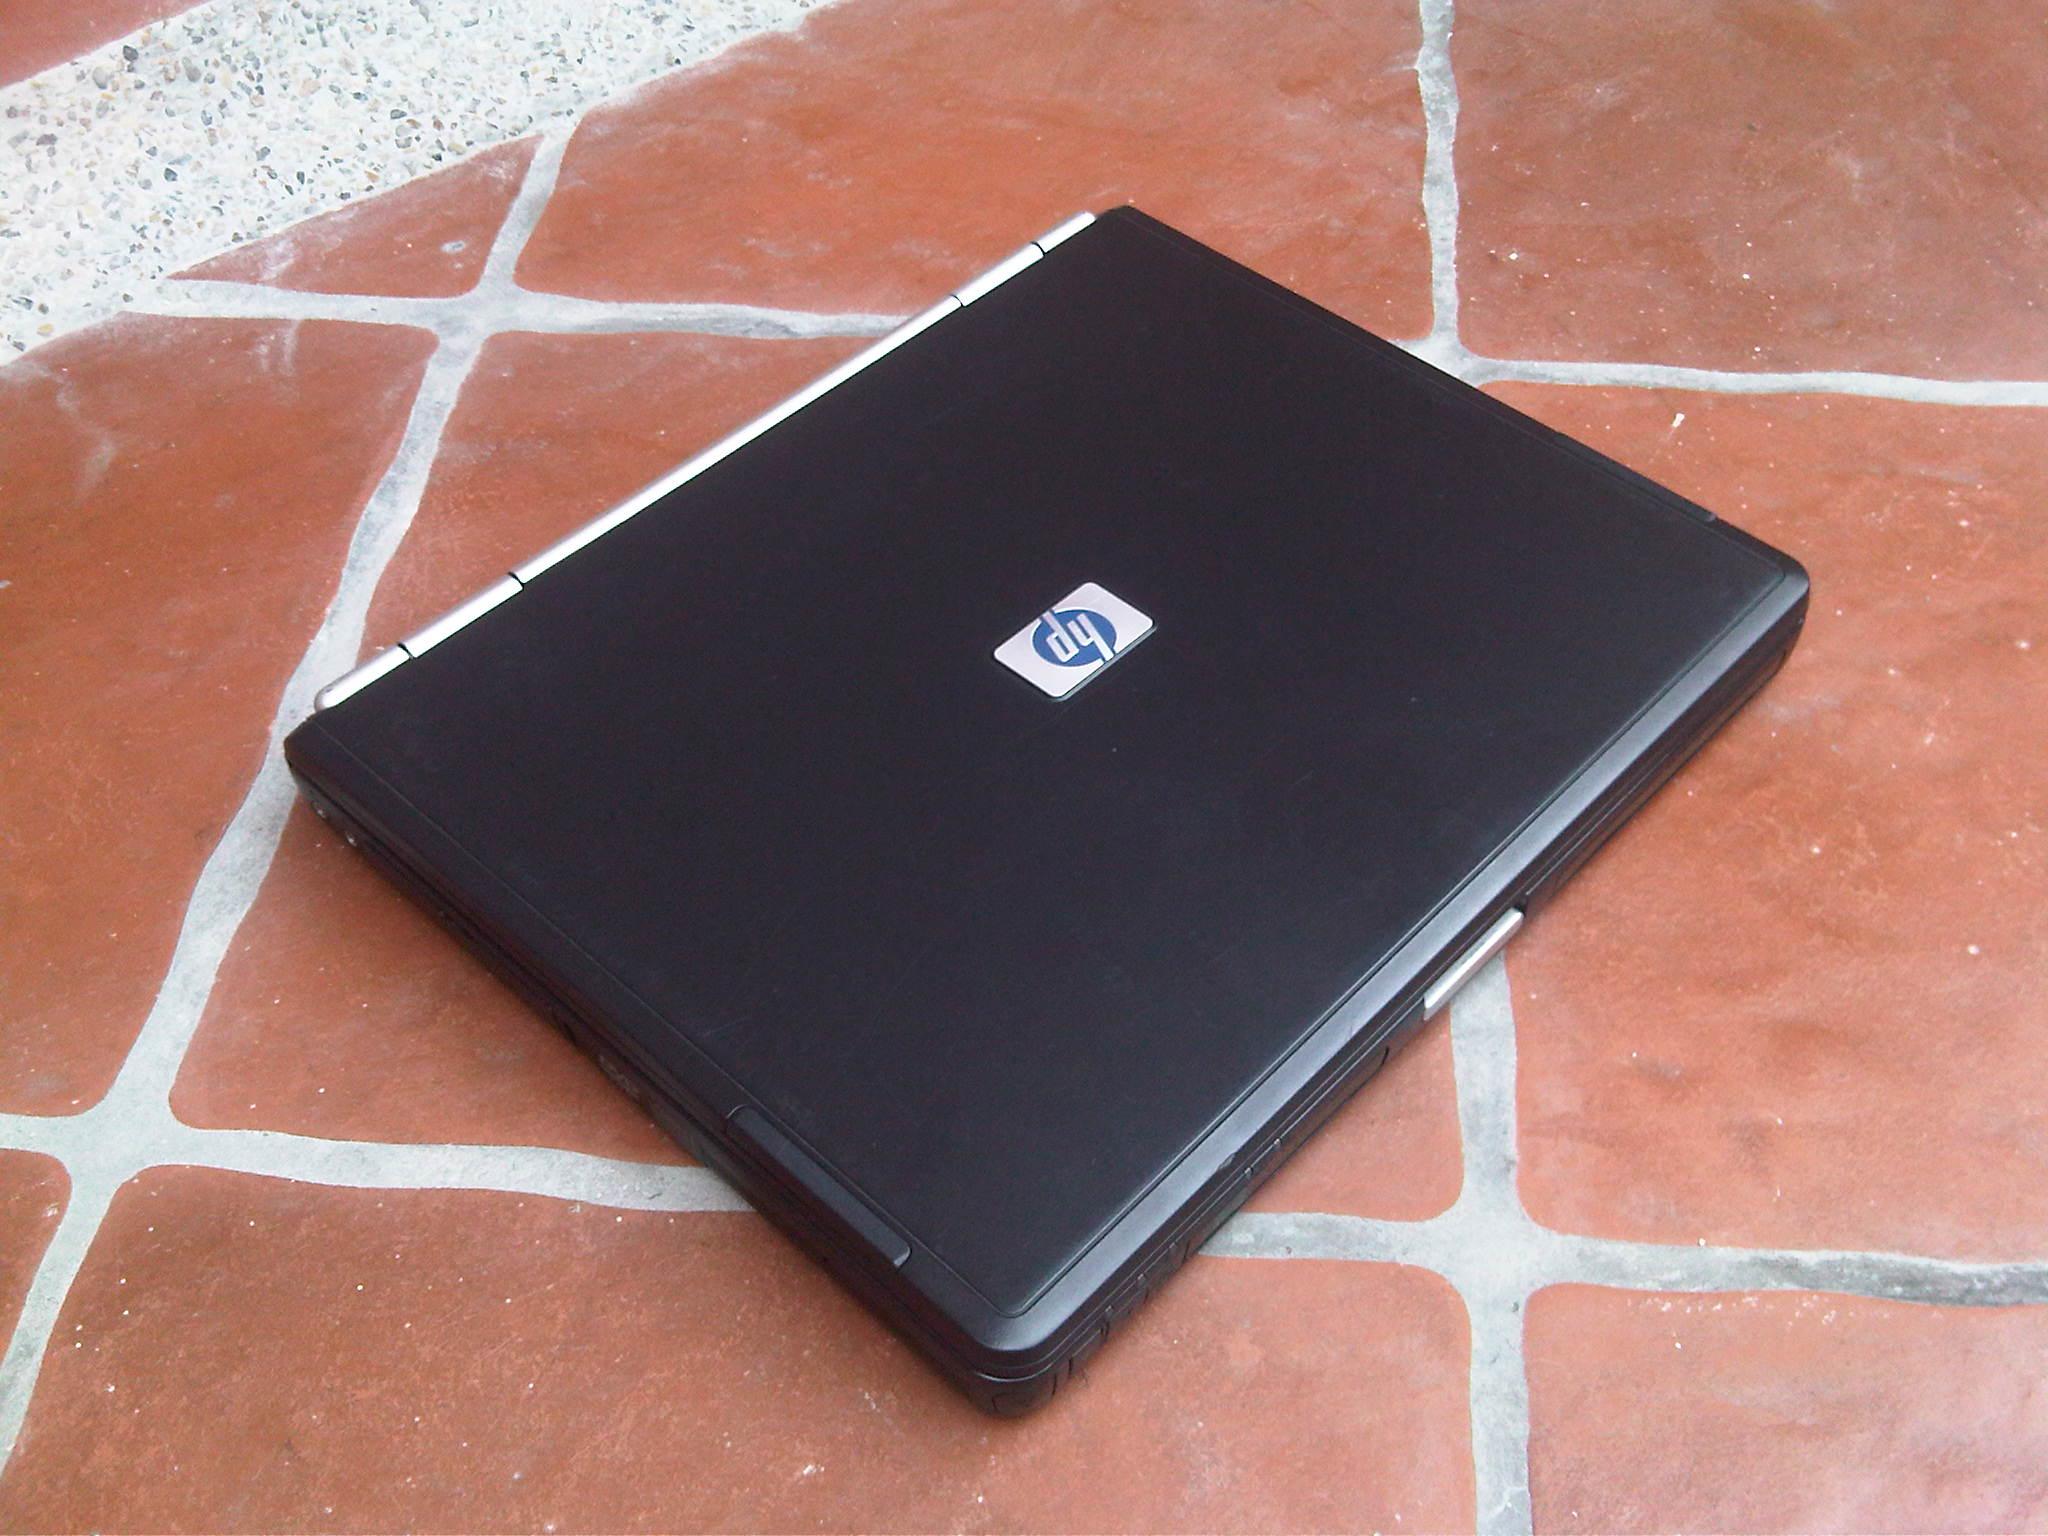 Hewlett Packard NC 6000